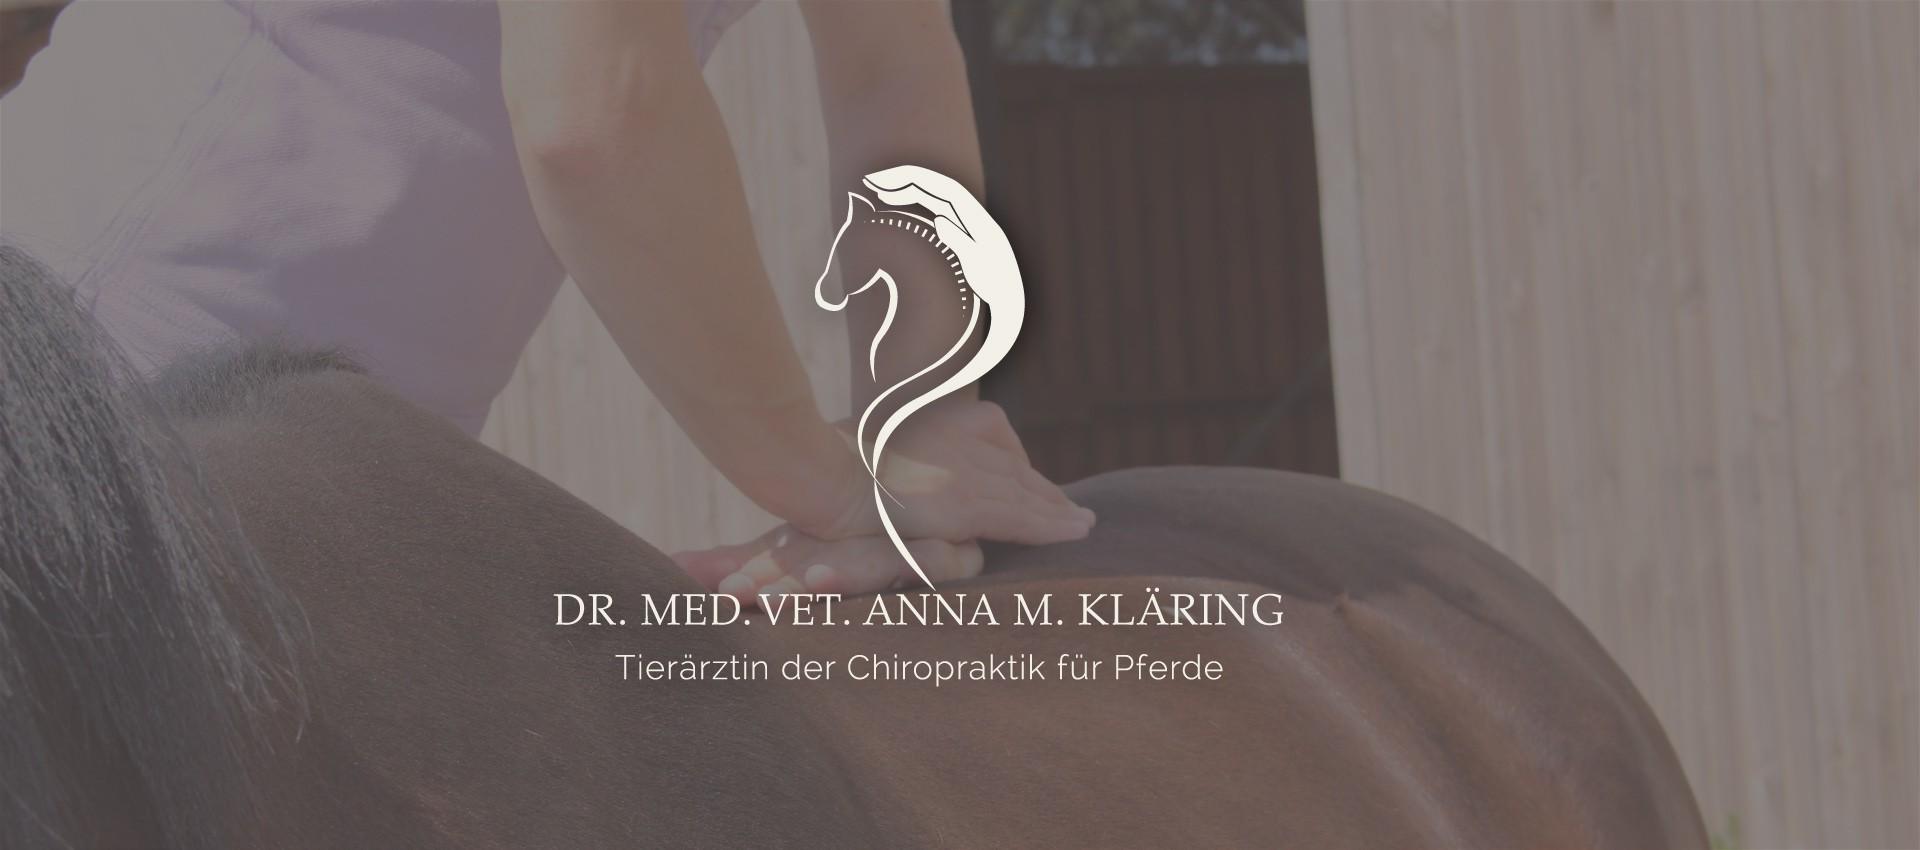 Chiropraktik für Pferde